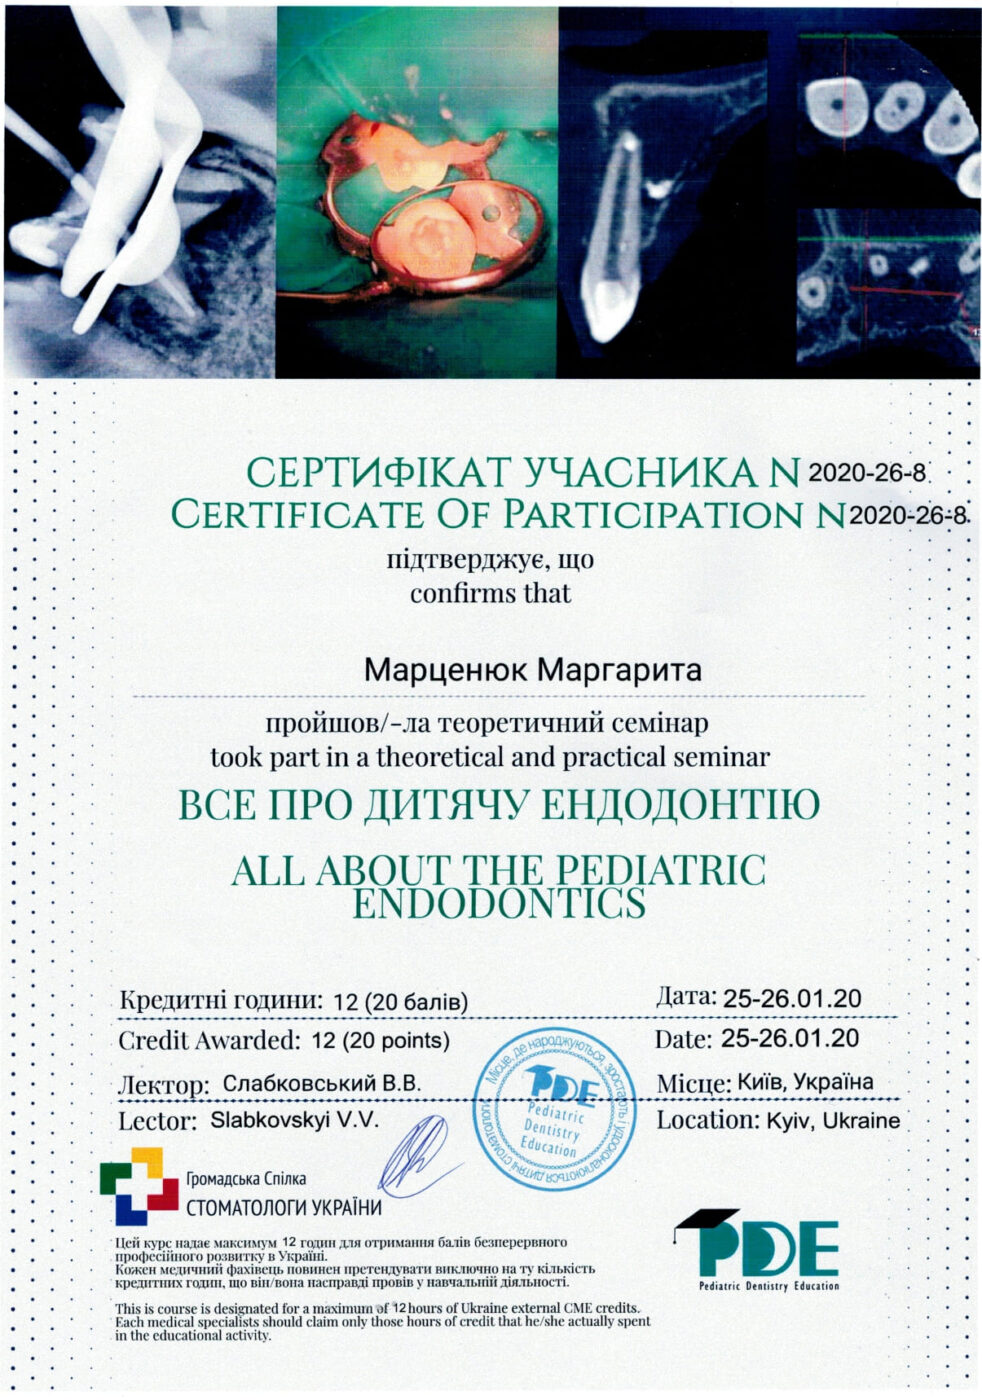 Сертифікат дитячого лікаря стоматолога Марценюк Маргарити Ігорівни об участі у семінарі (Все про дитячу ендодонтію)